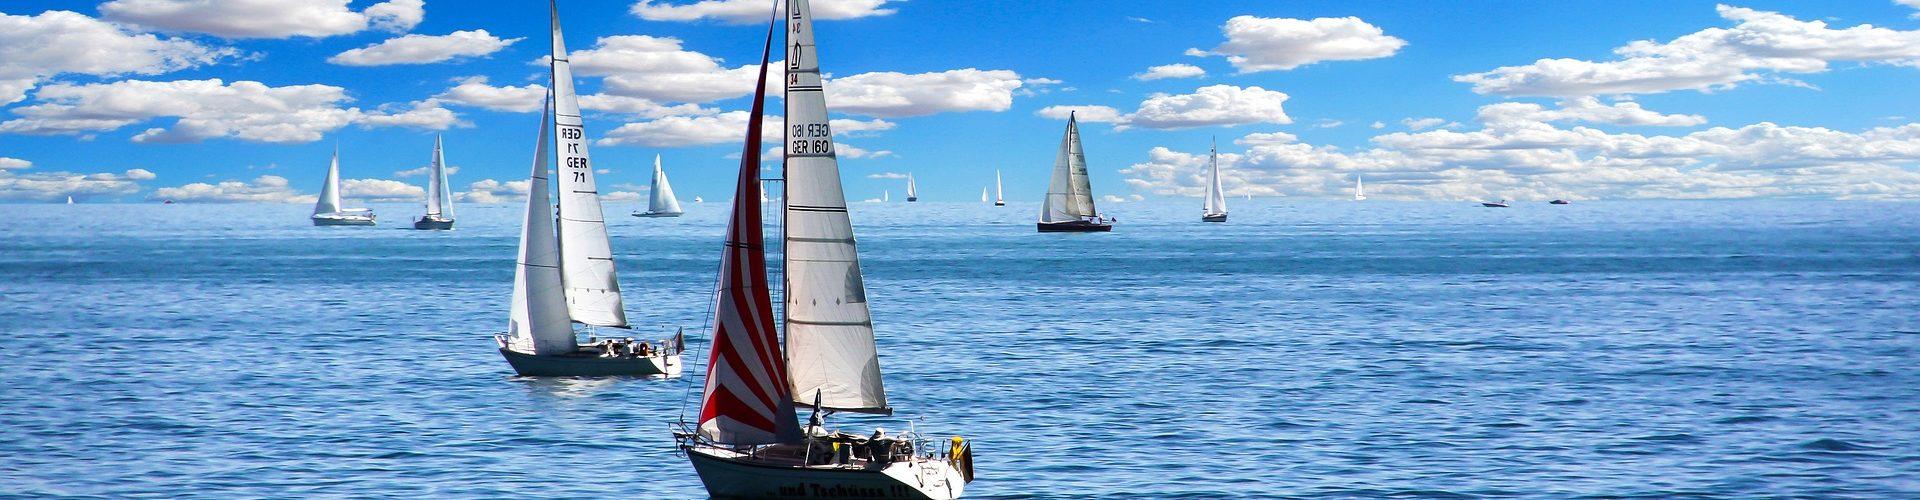 segeln lernen in Eich segelschein machen in Eich 1920x500 - Segeln lernen in Eich